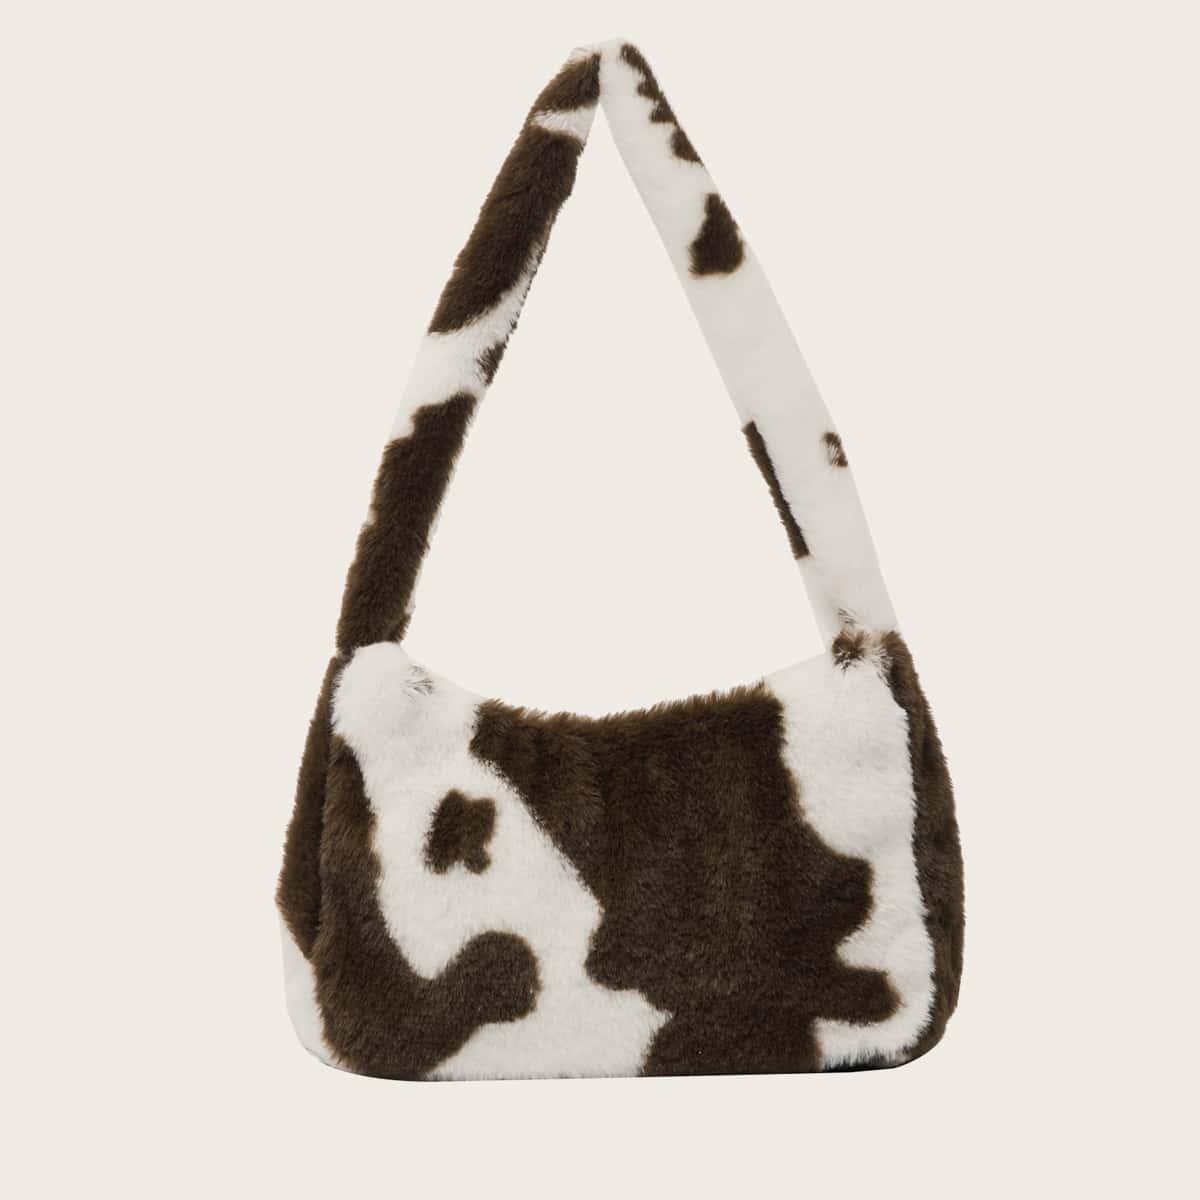 Сумка-багет из искусственного меха с коровьим принтом